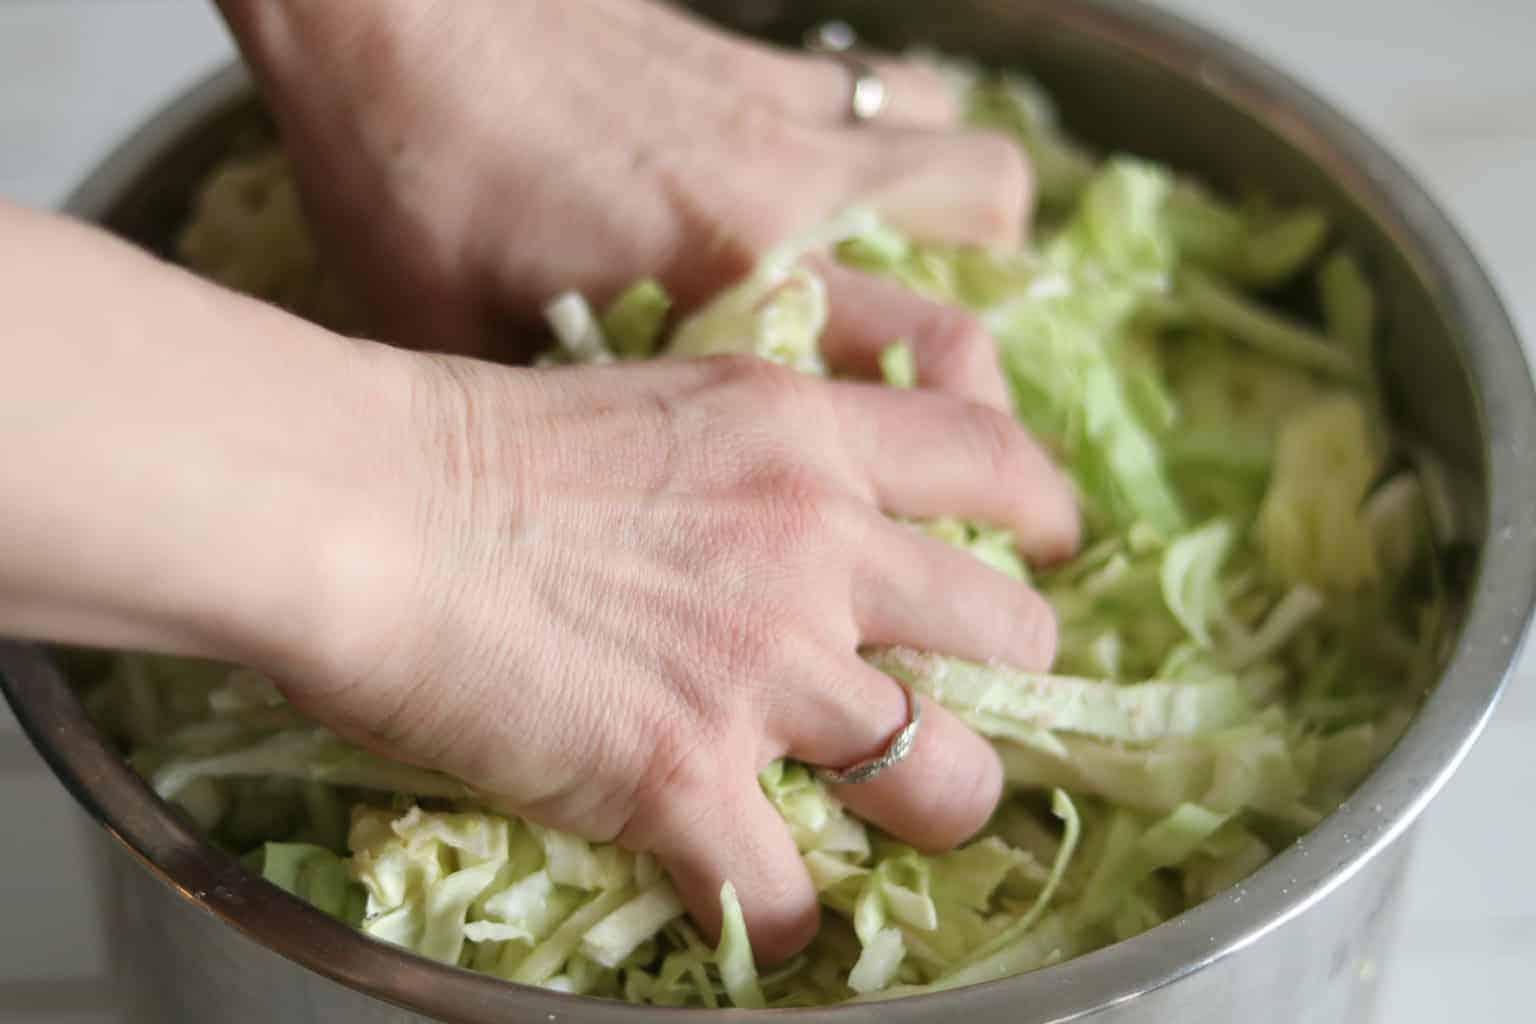 hands massaging cabbage to make brine